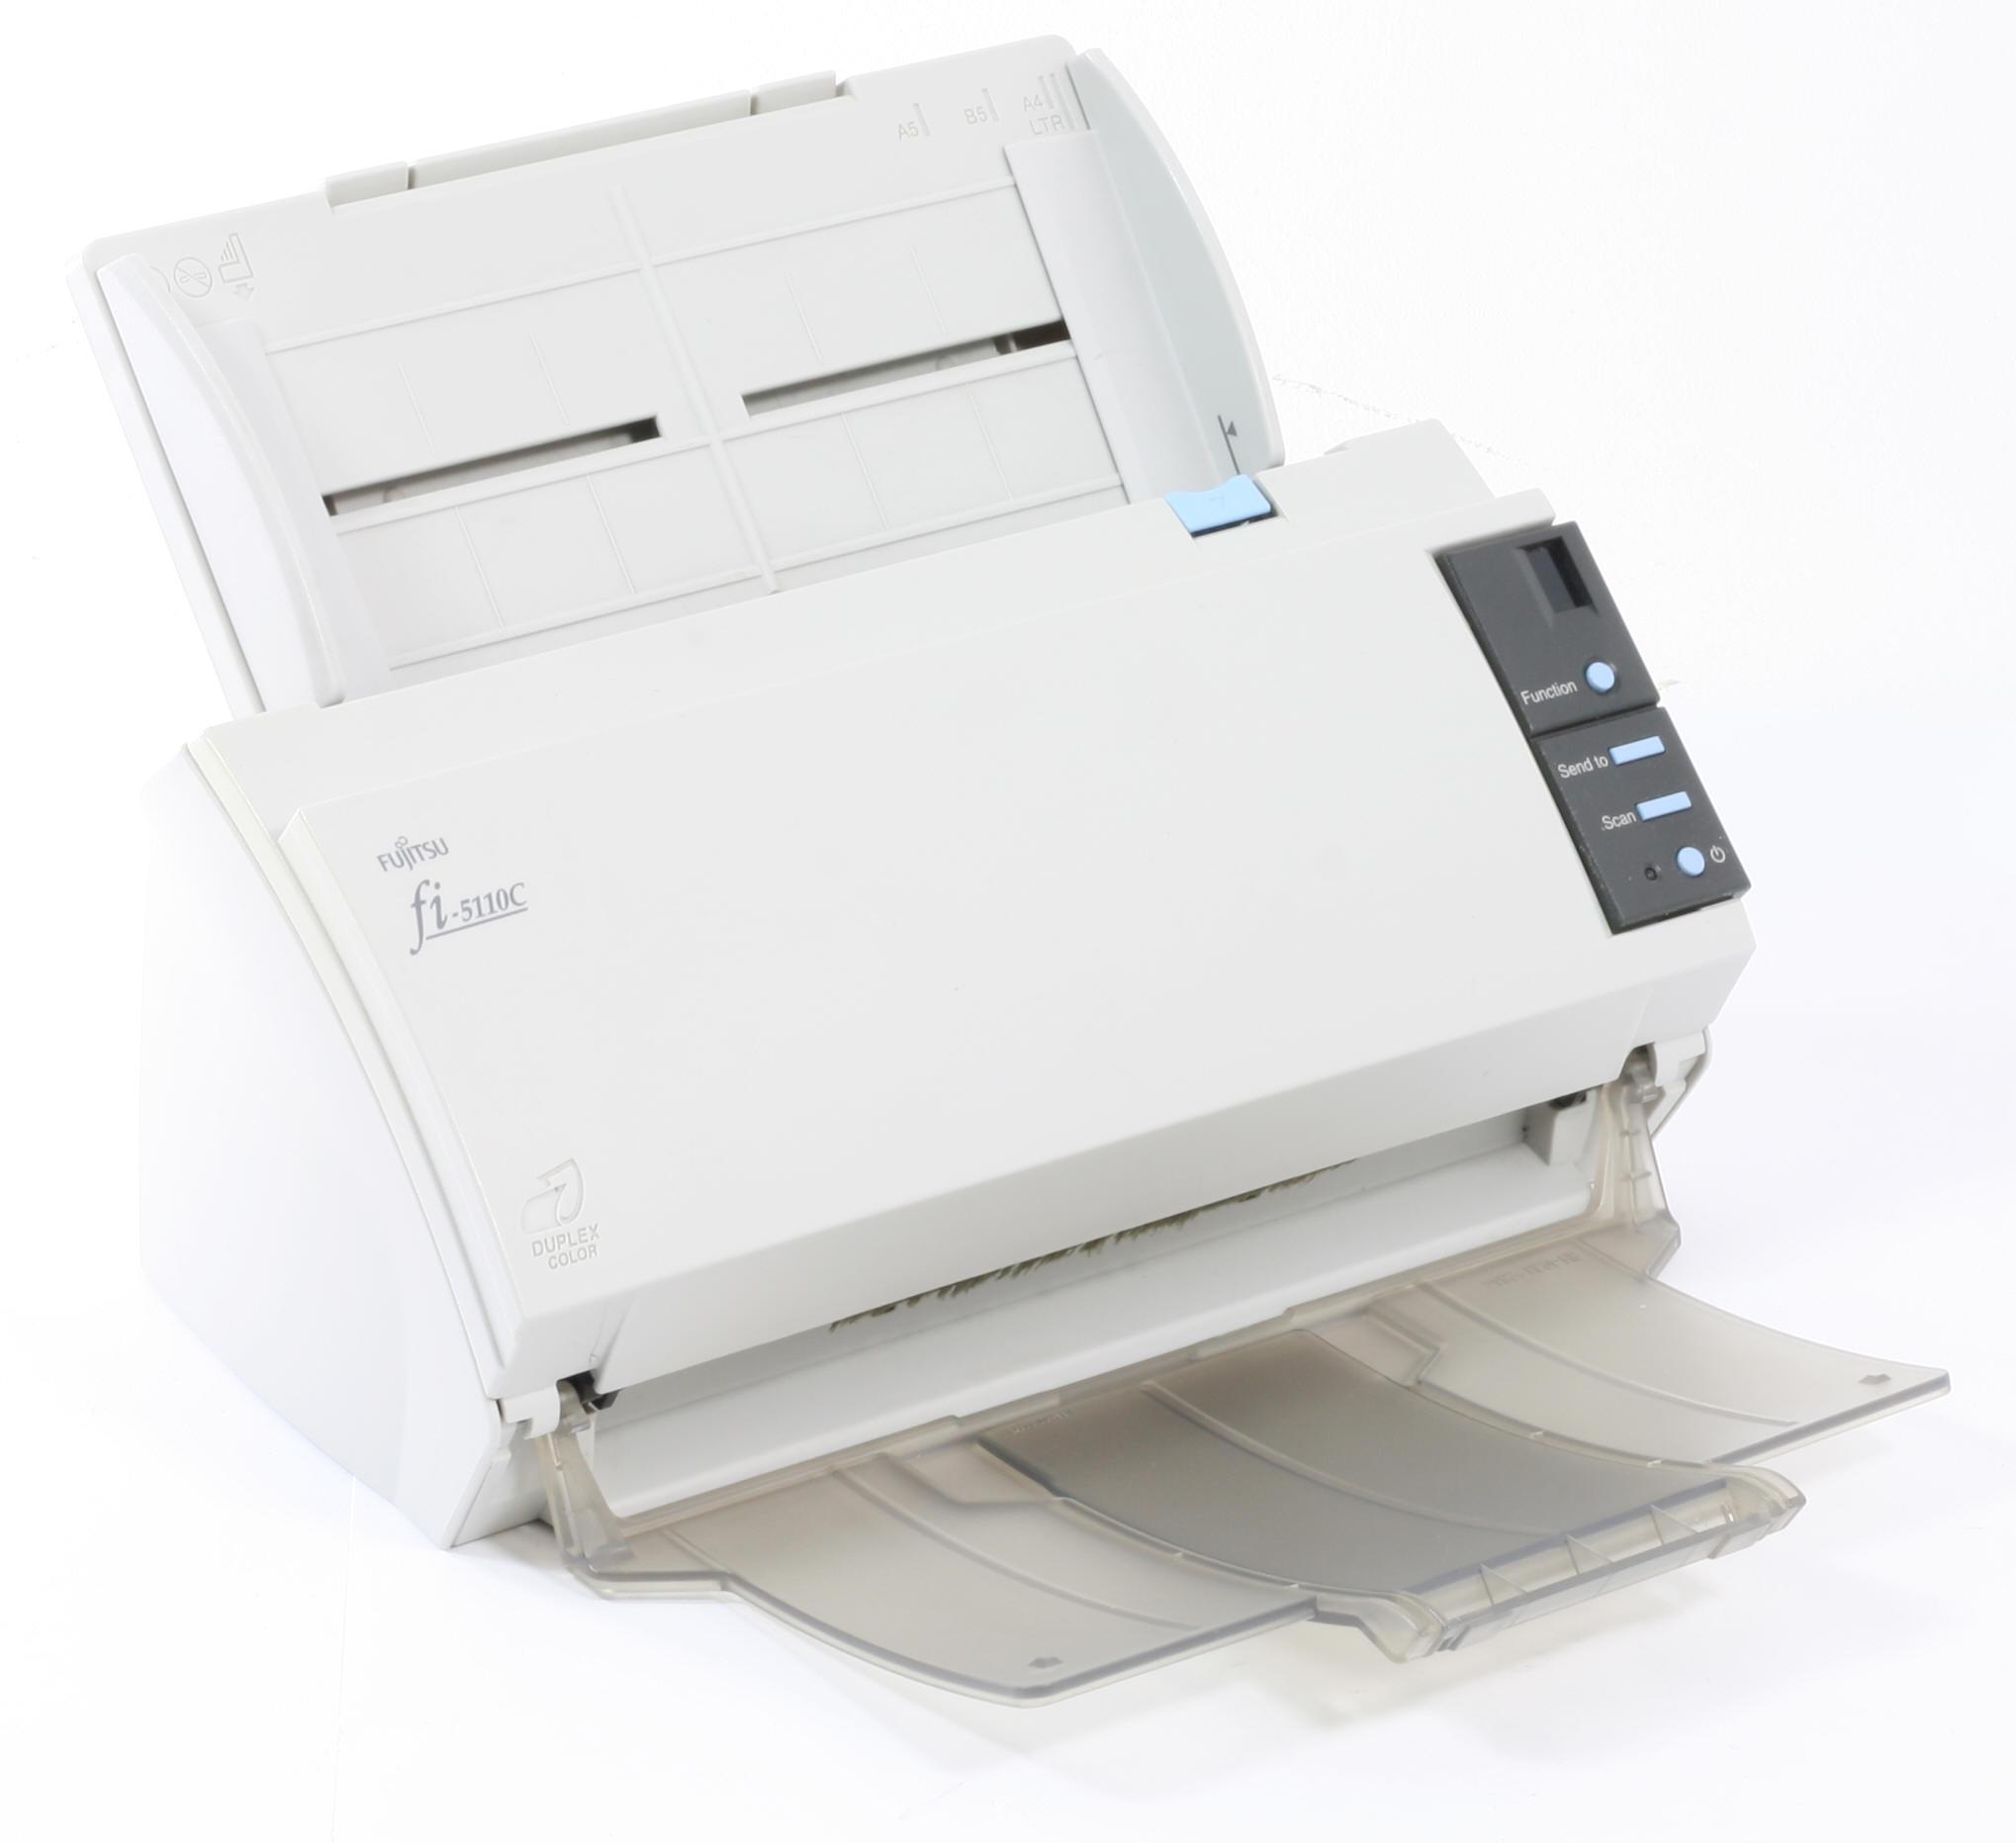 Fujitsu Fi-5120C Scanner Dokumentenscanner Duplex Farbscanner mit ADF gebraucht